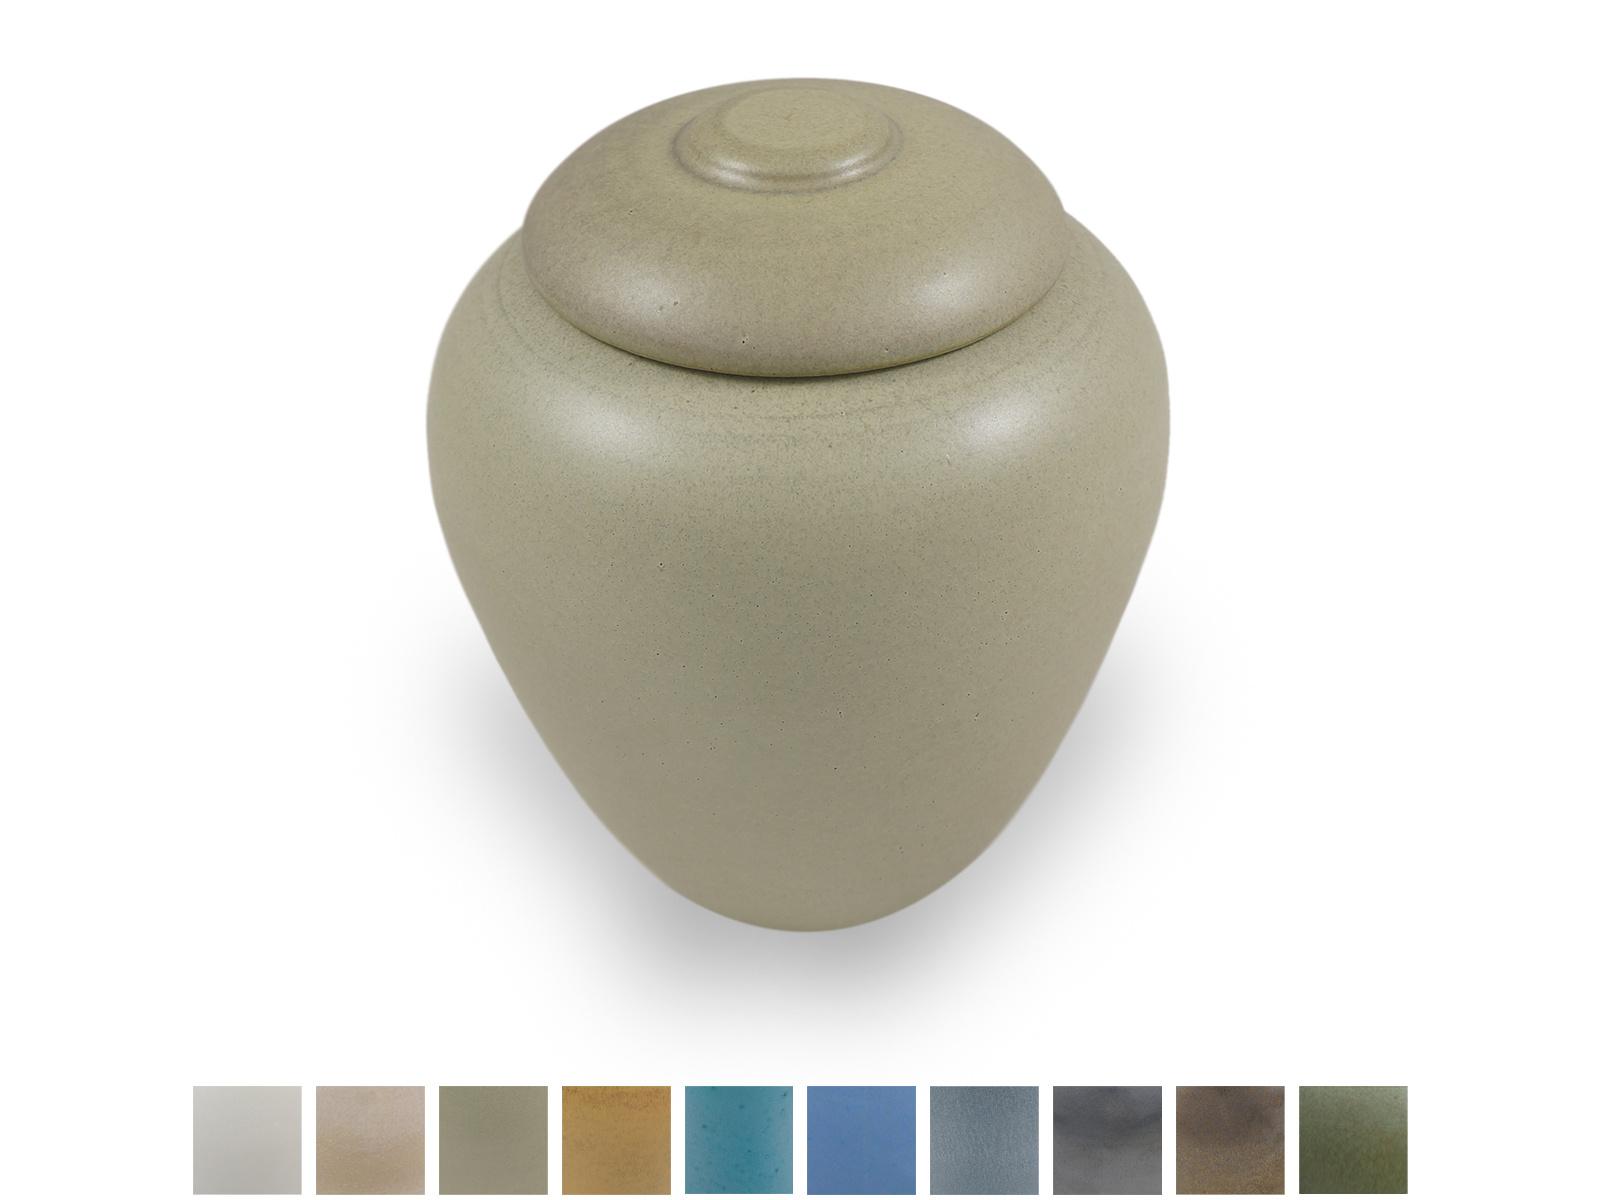 Keramische urn klassiek klein - verkrijgbaar in 10 kleuren